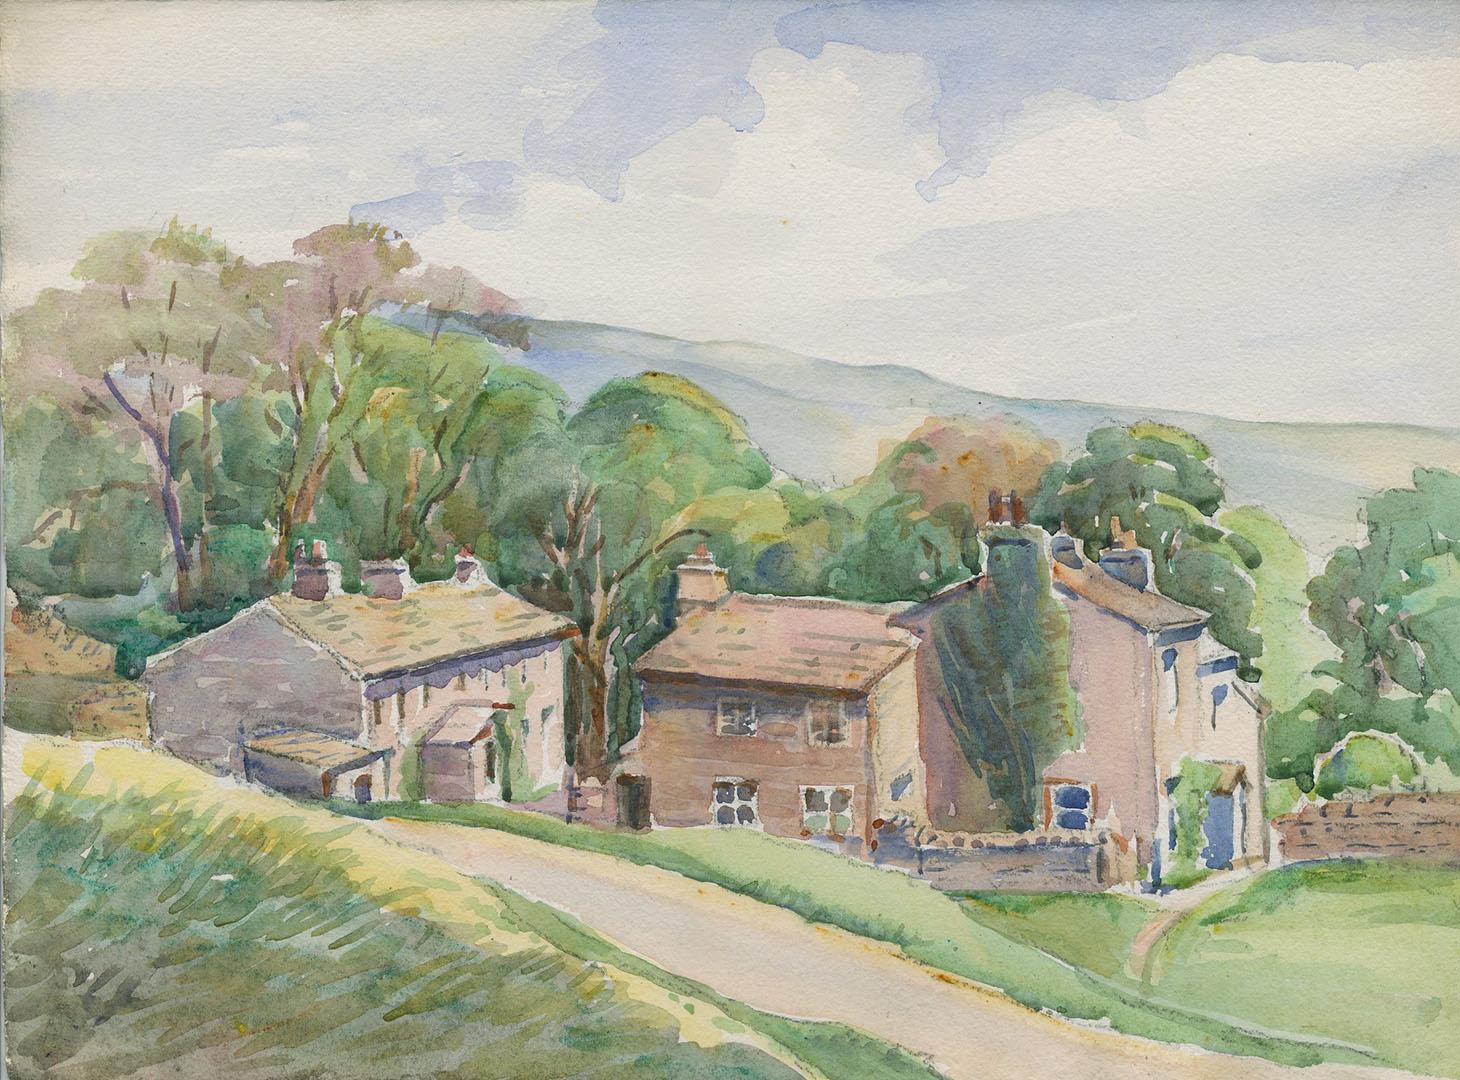 BainbridgeWenlsleydale